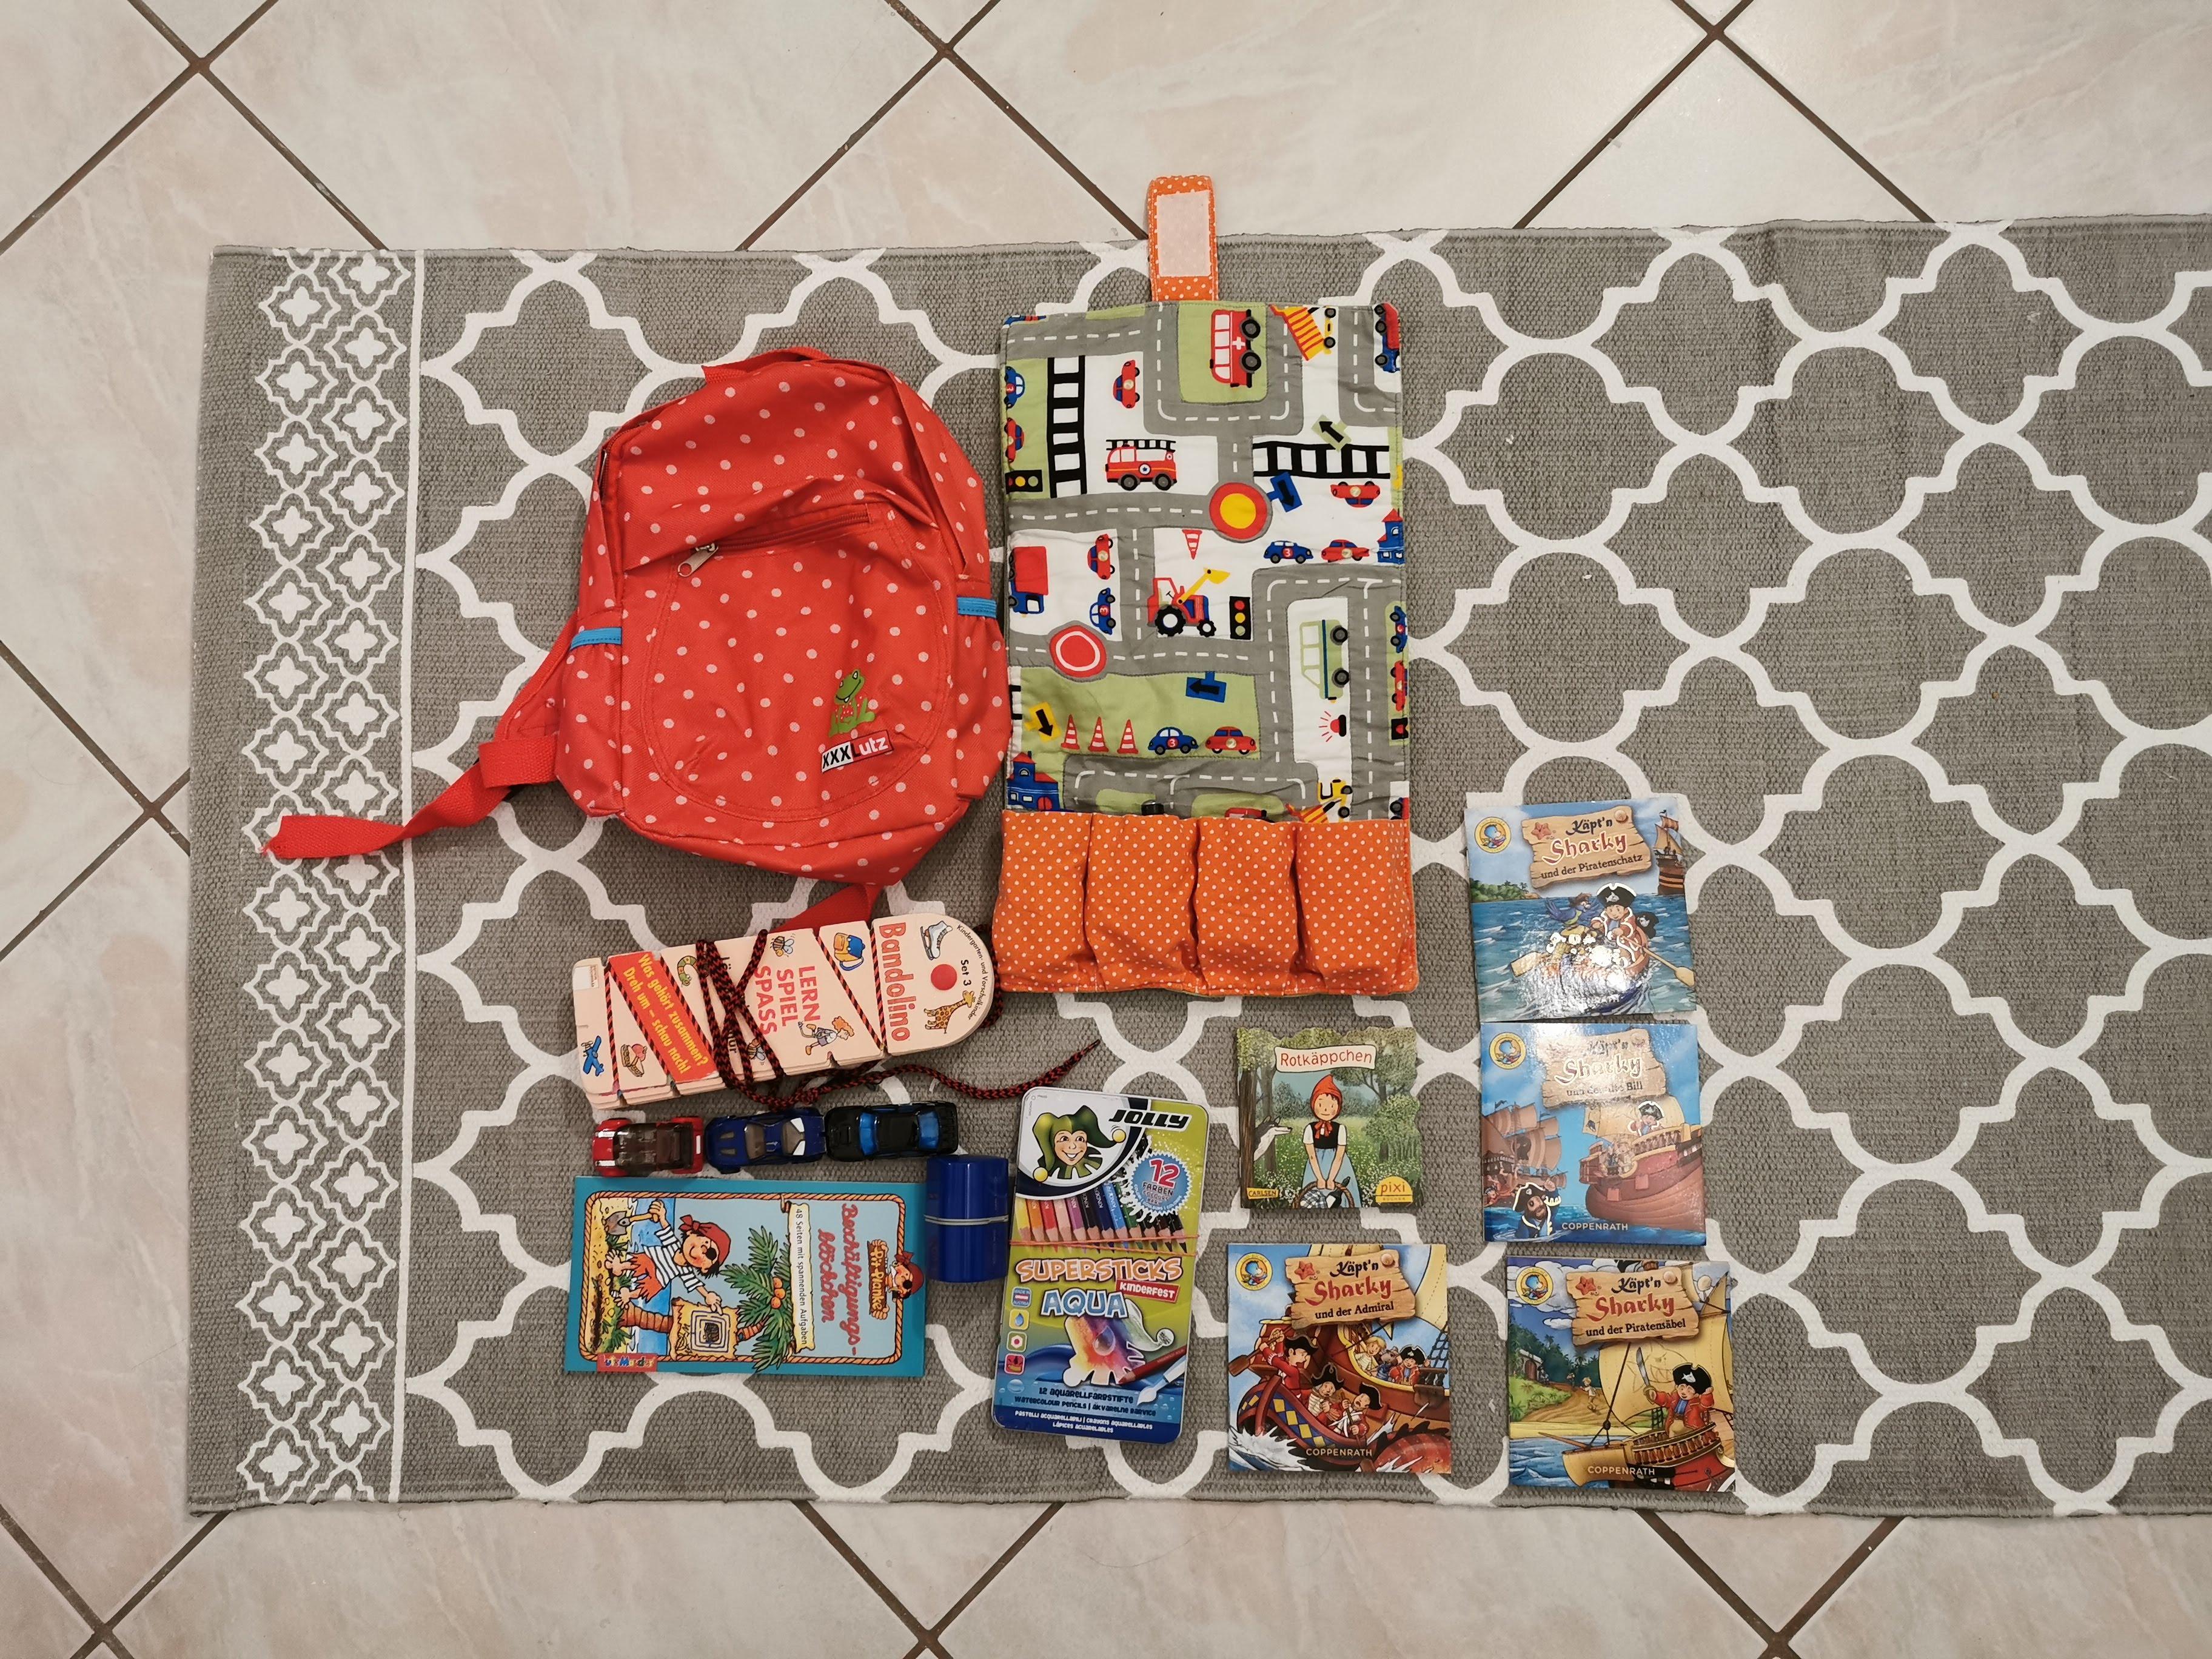 Handgepäck Reise mit Kind und Baby Spiele Rucksack Bücher